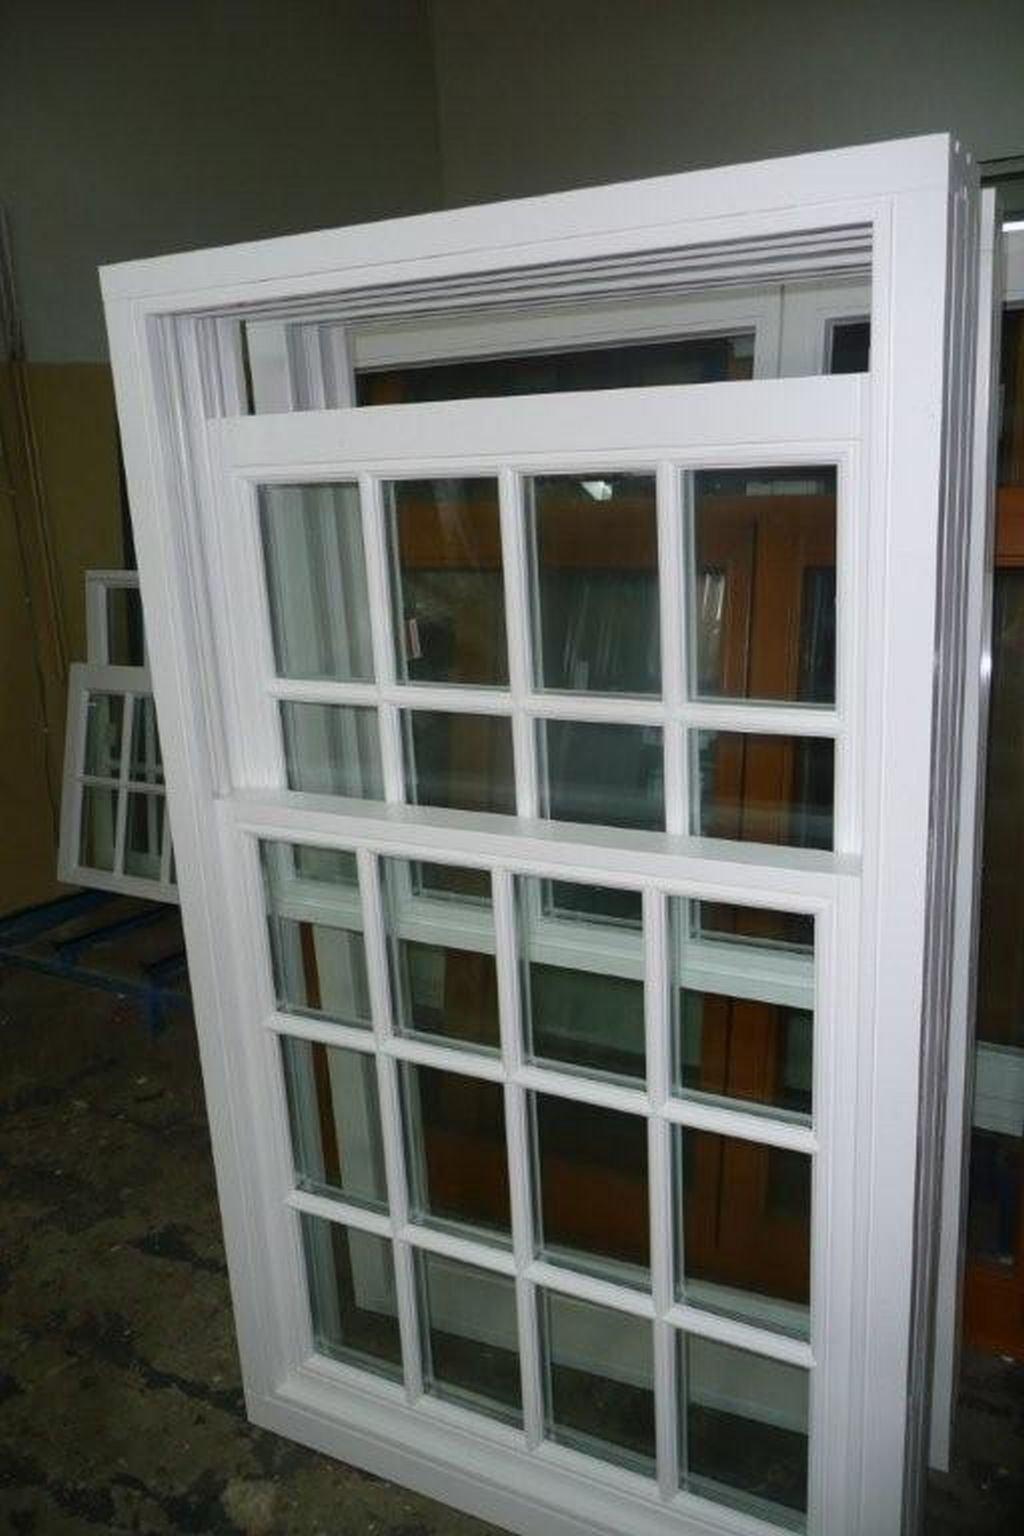 #2C2D23 Home > Construção e imóveis > Portas e janelas > Janelas (256488) 1496 Tirar Mancha Janela De Aluminio